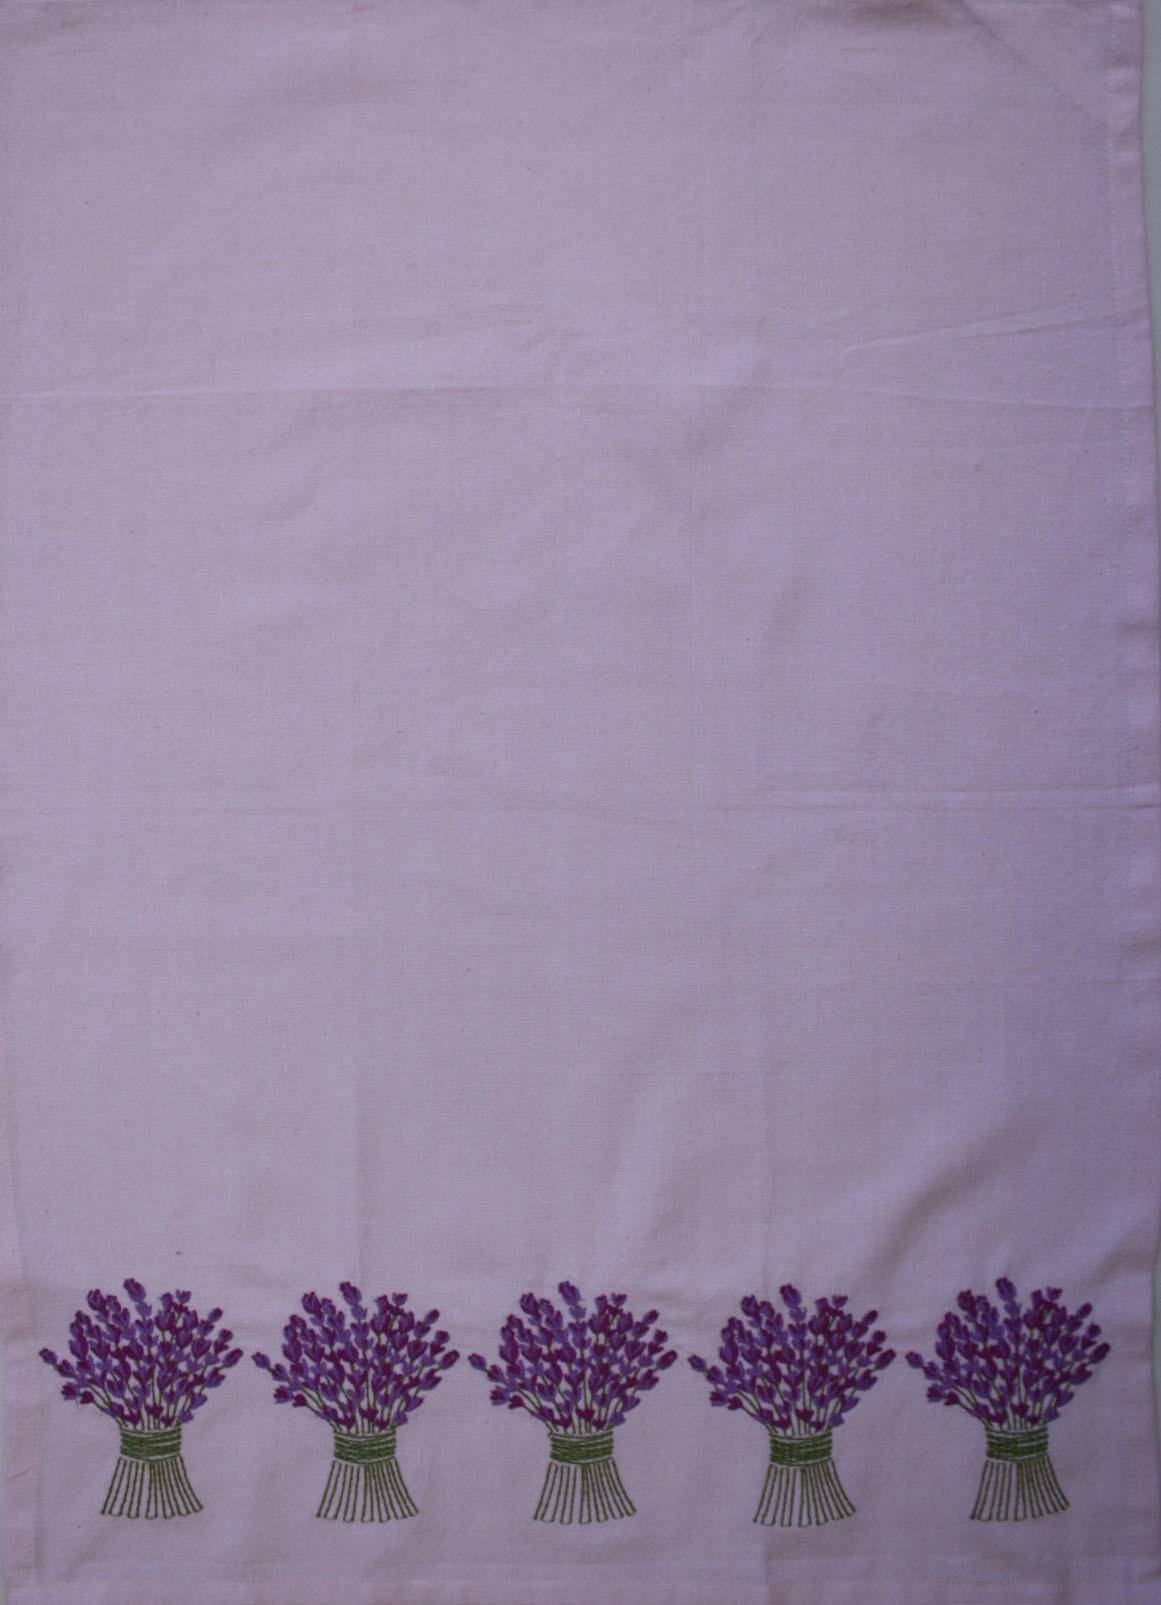 Tea Towel - Lavender Bouquet Border Embroidery